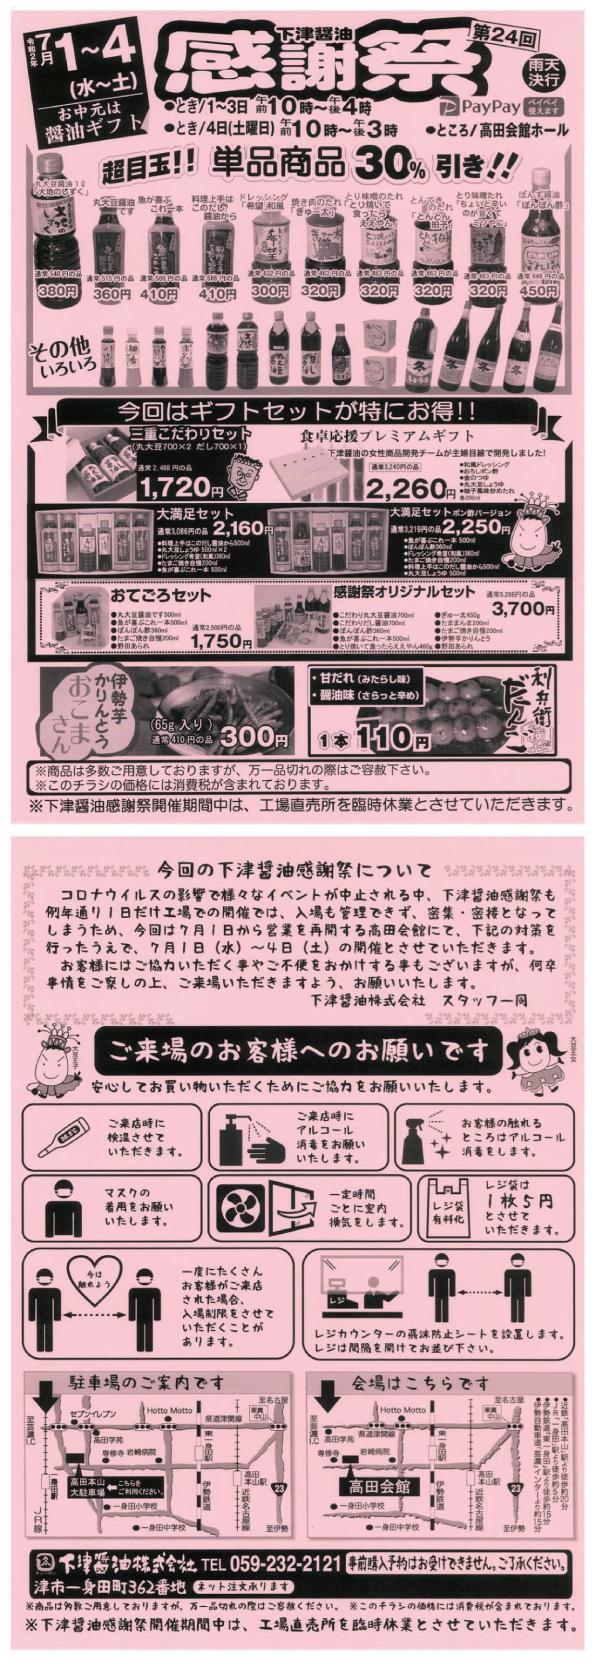 下津醤油感謝祭のお知らせ 7月1日~4日